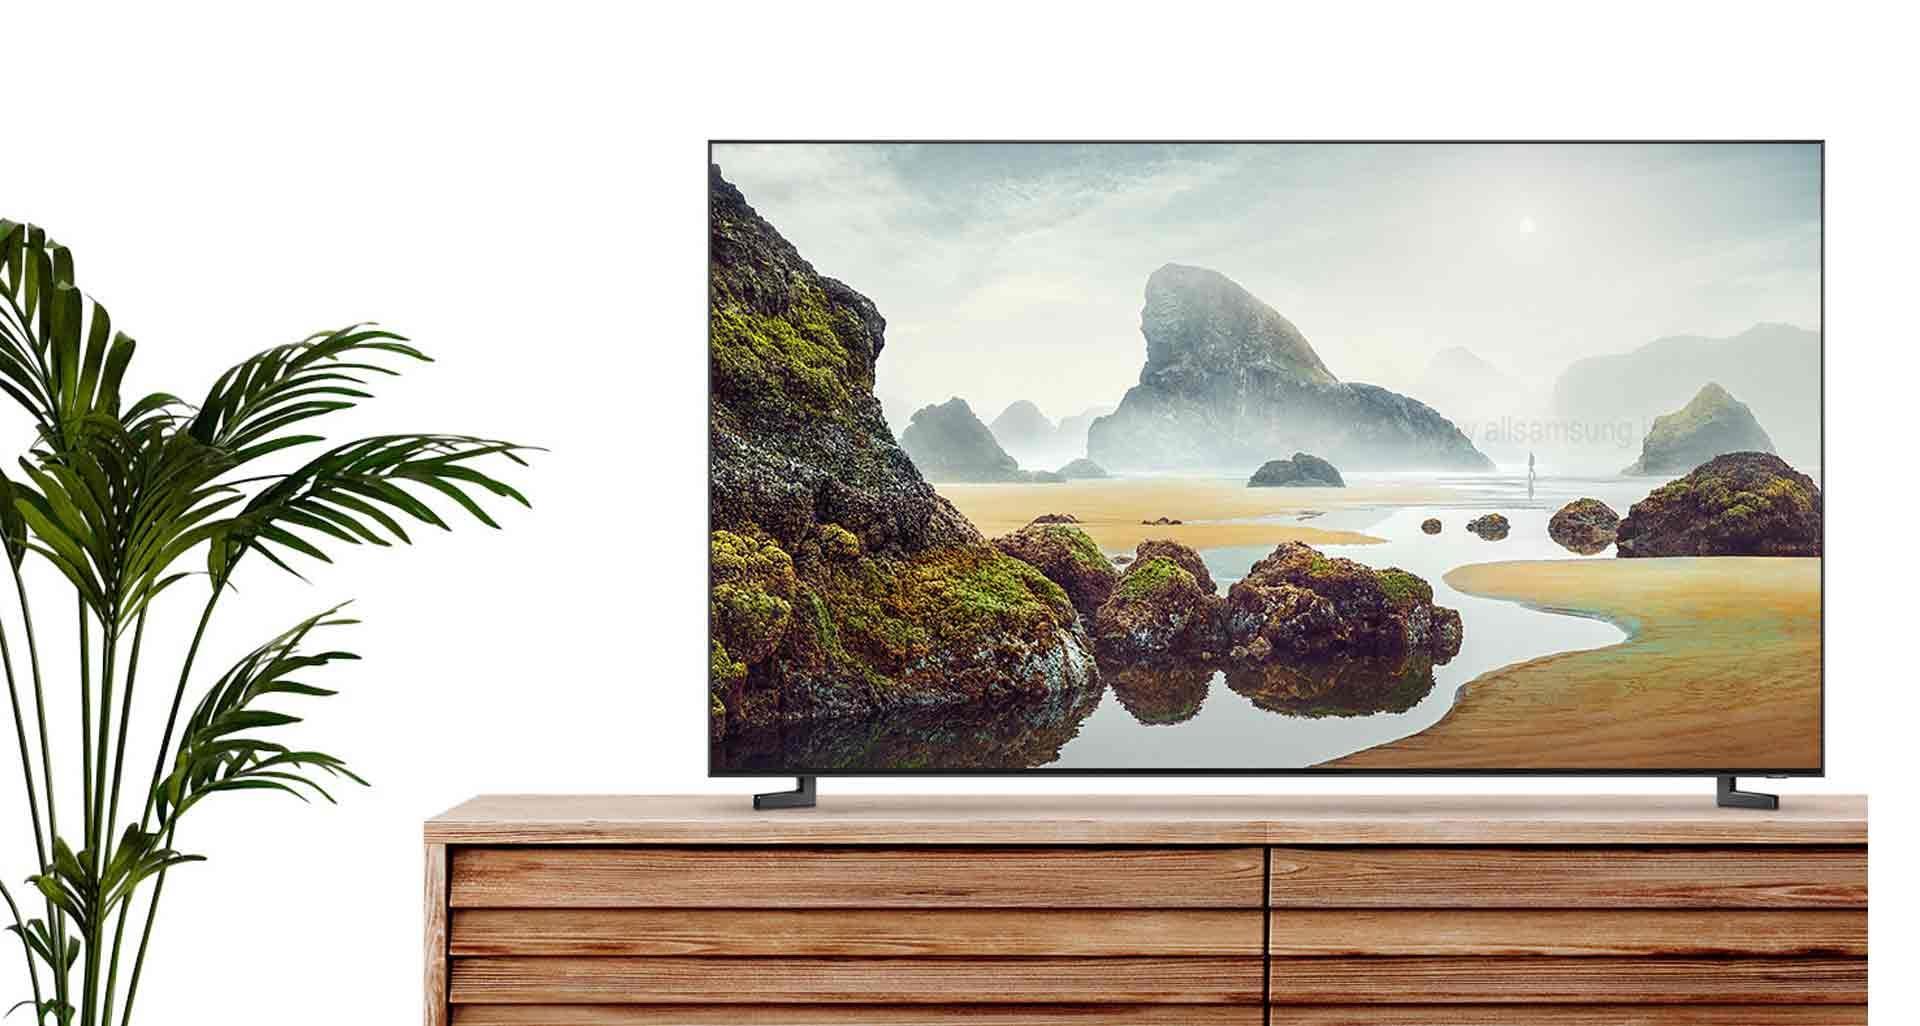 محیطی زیبا و منظم با تلویزیون Q900R